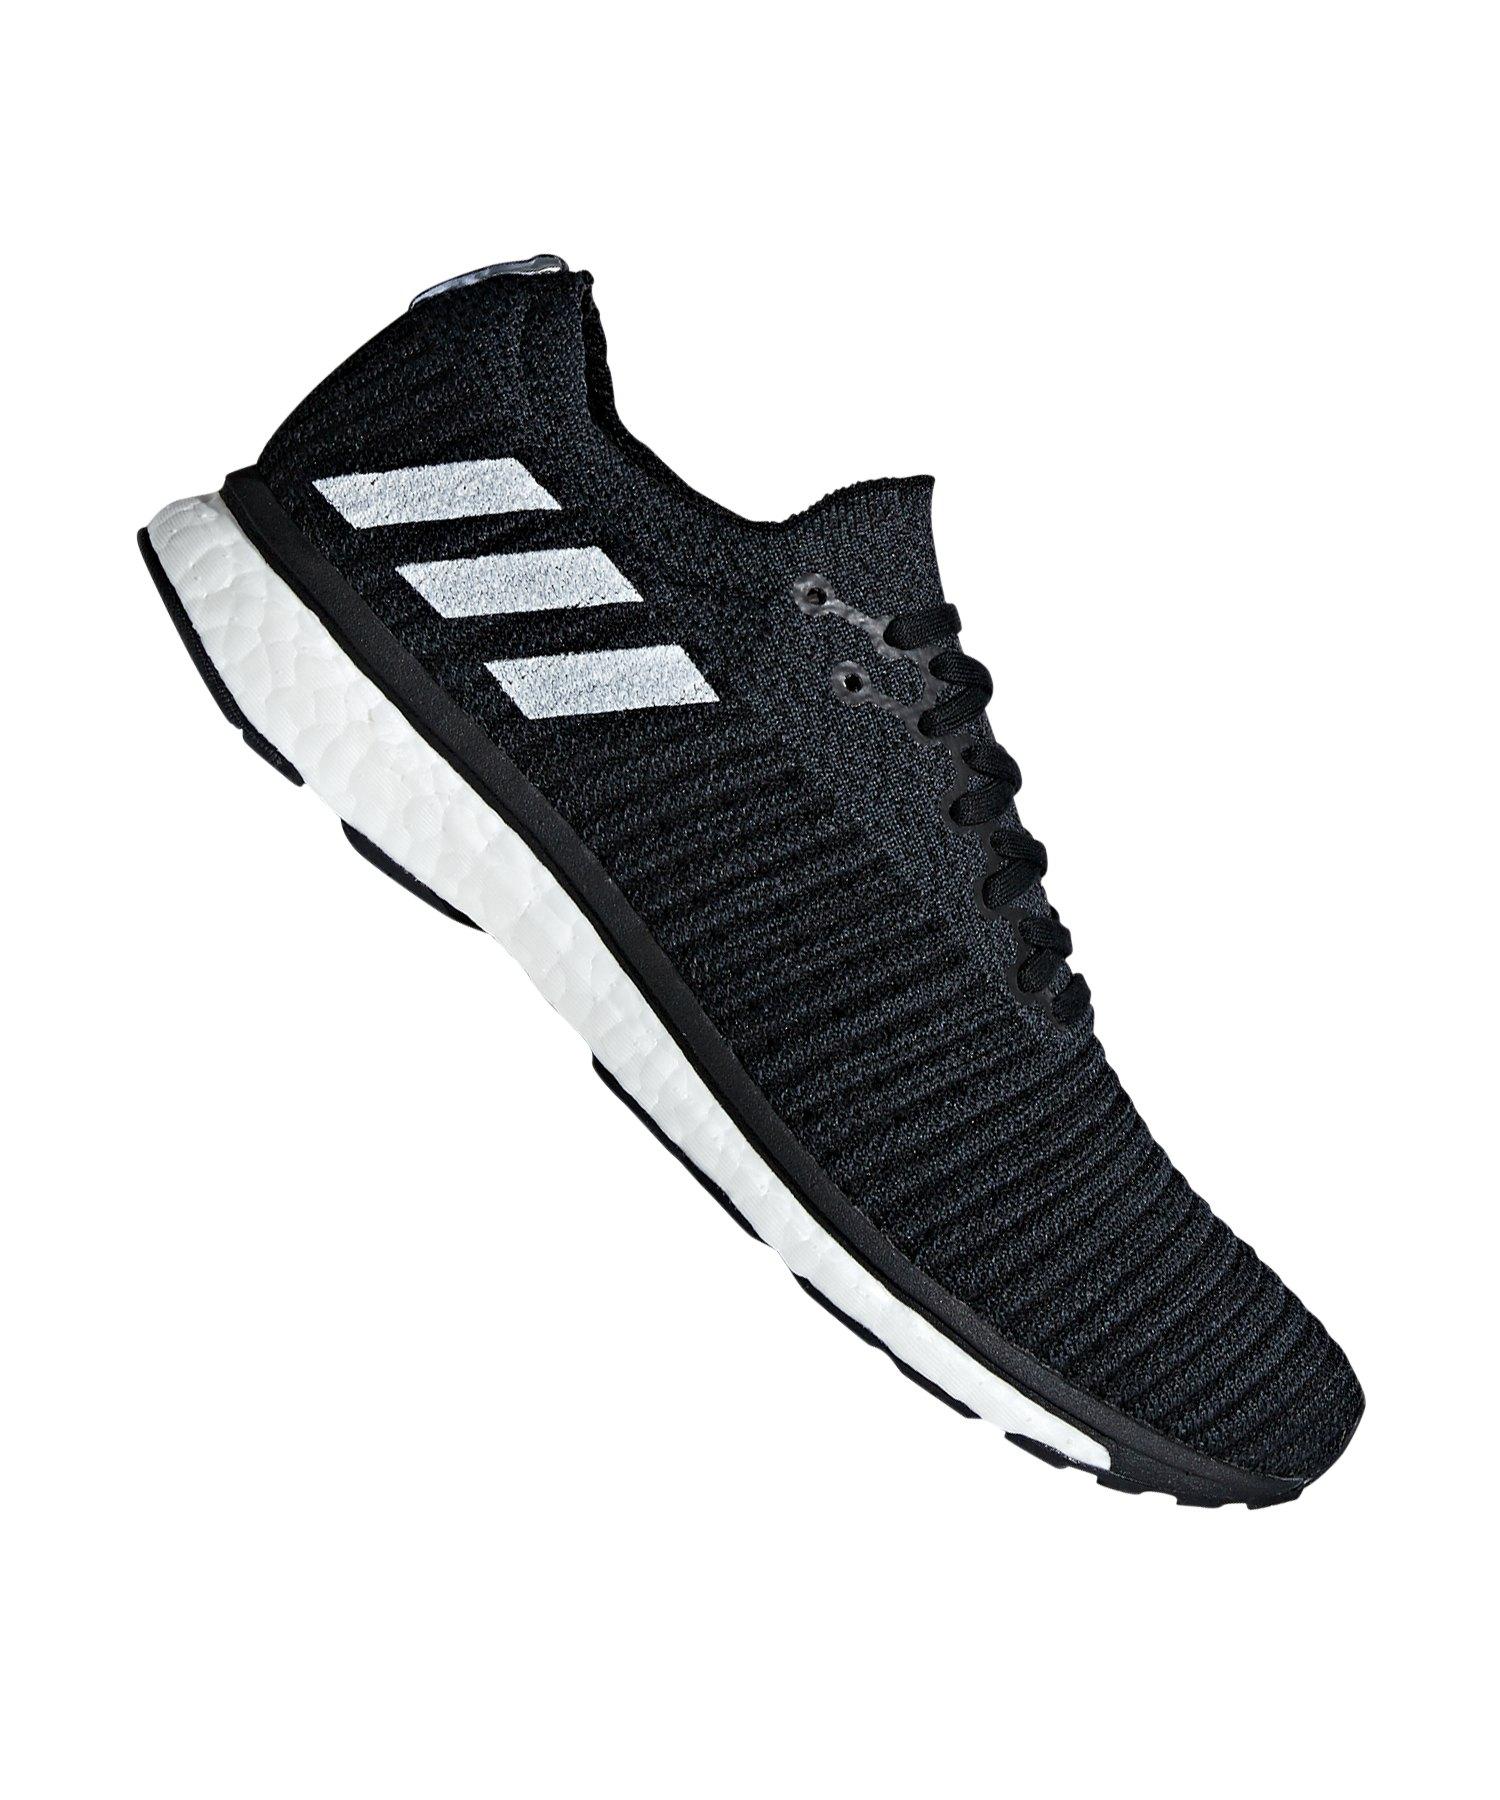 sports shoes dae88 158c3 adidas Adizero Prime Running Schwarz Weiss - schwarz